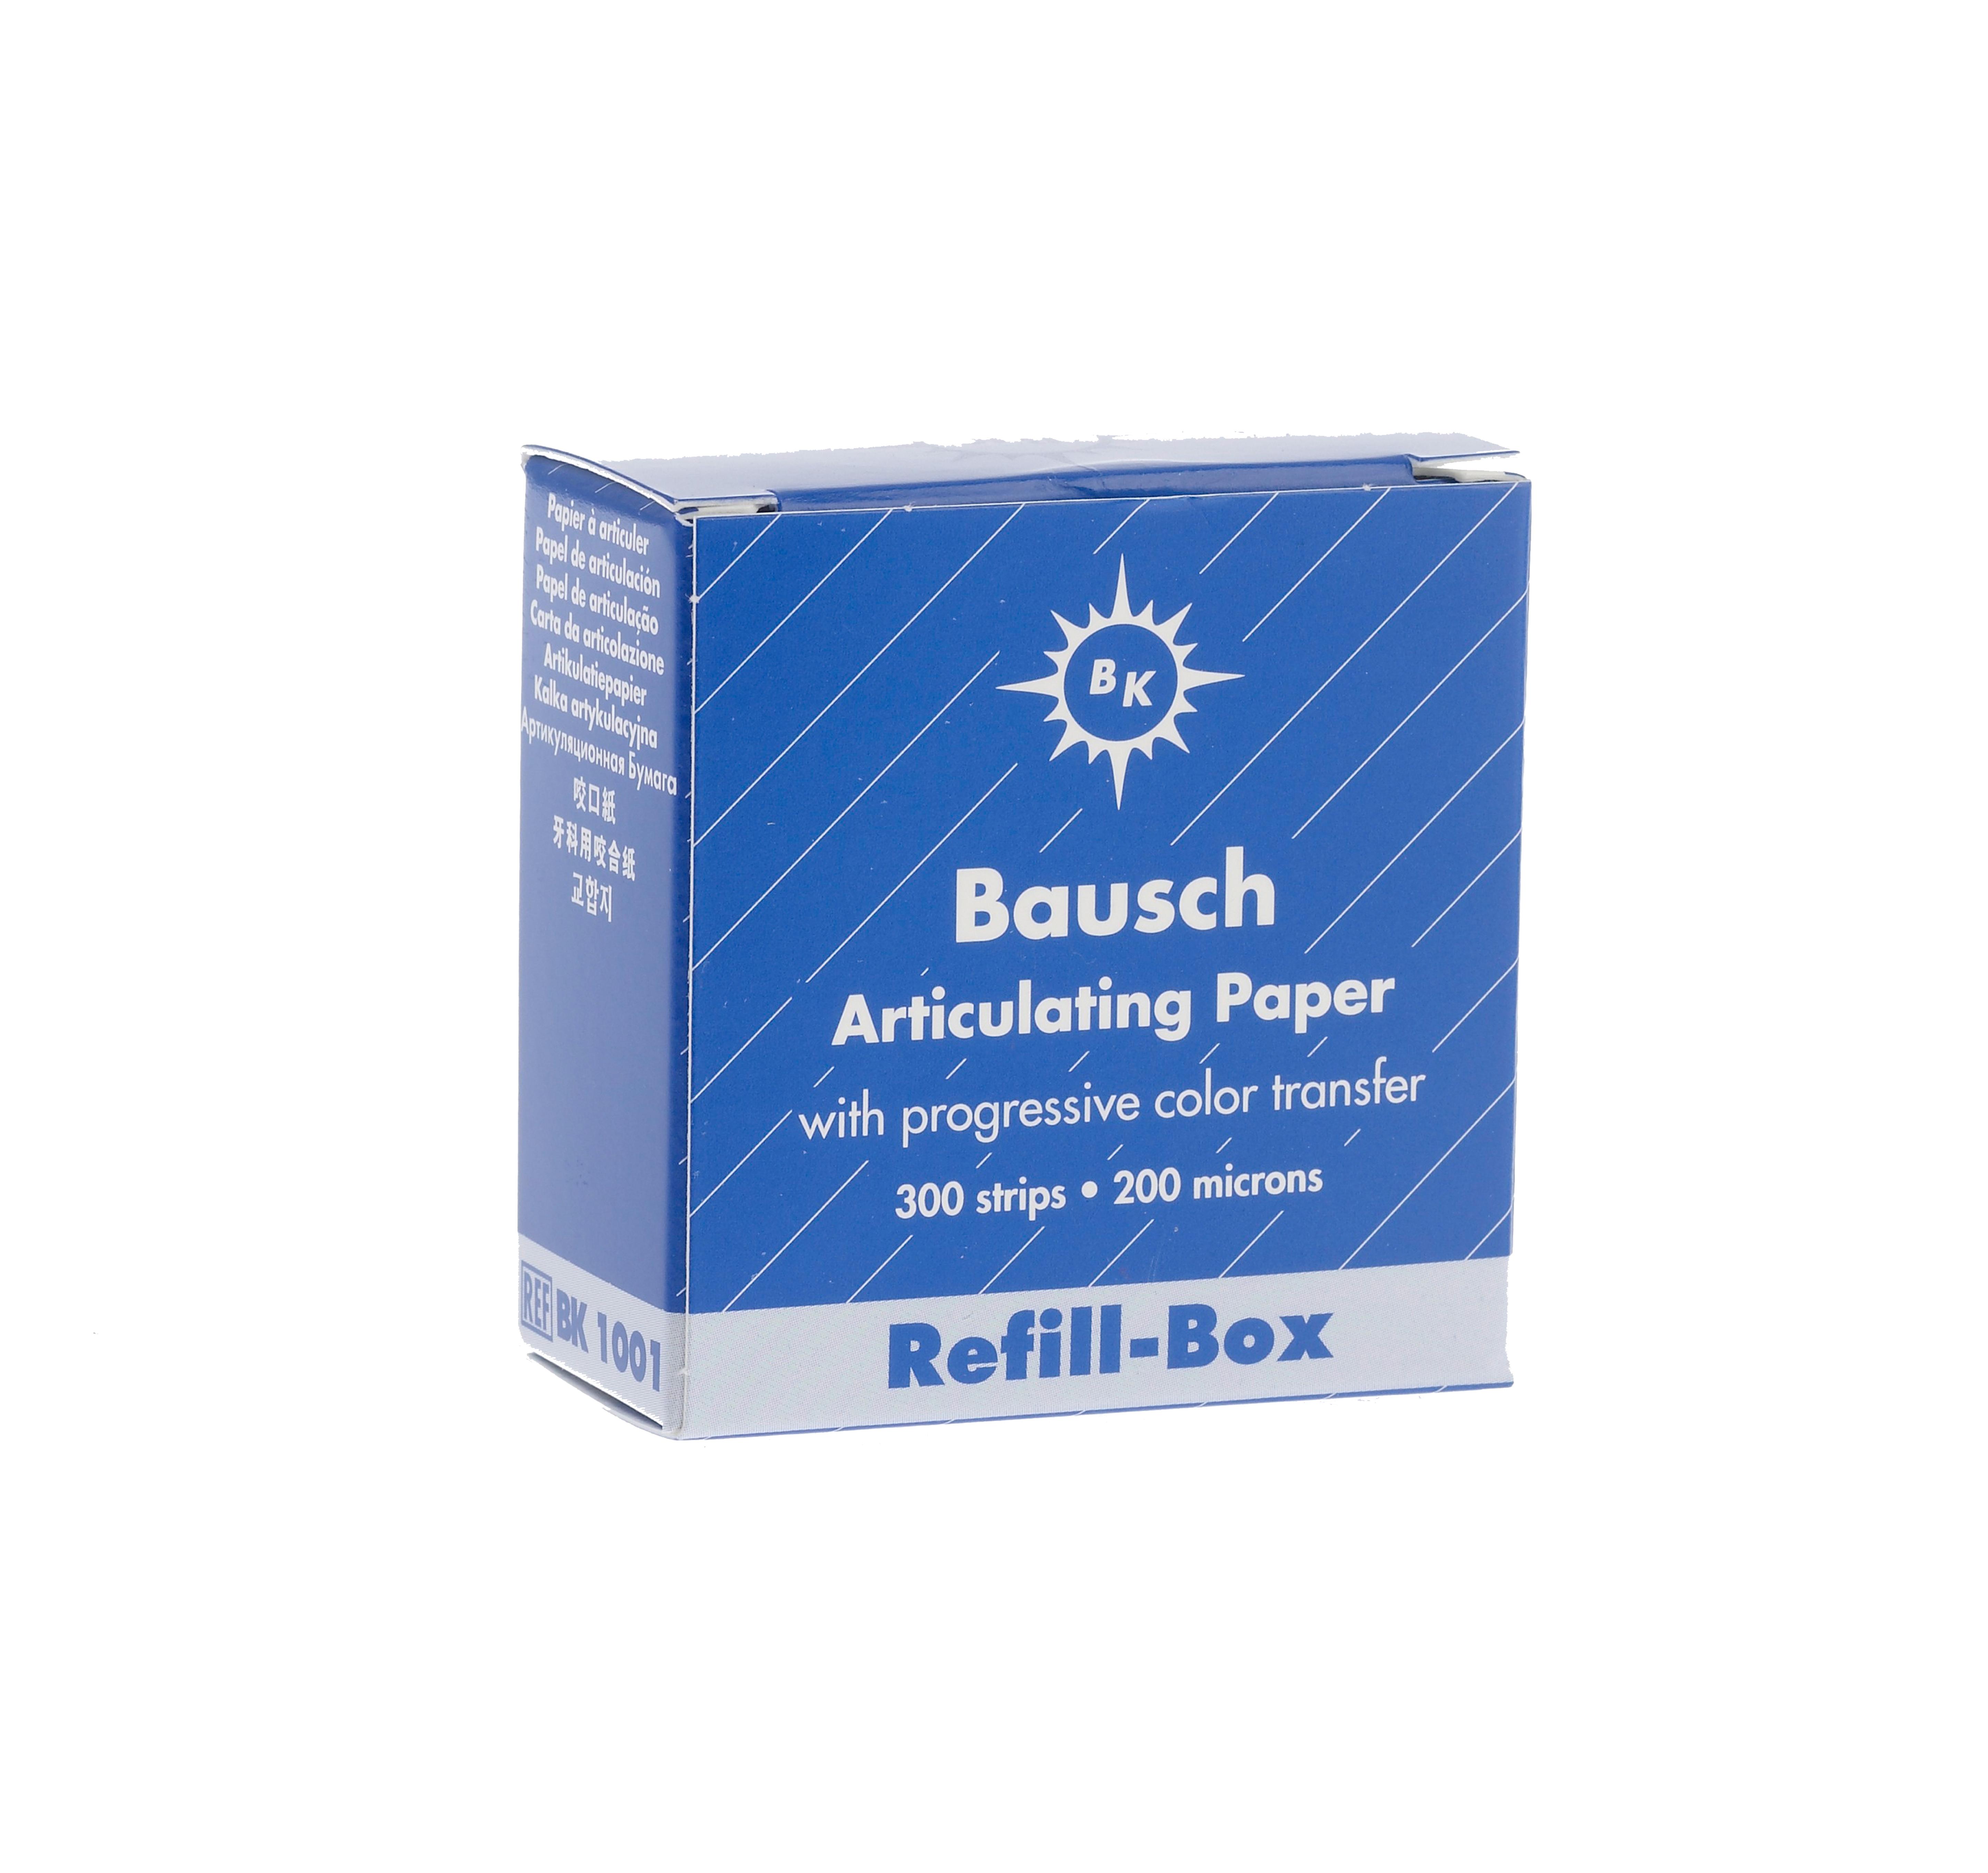 Bausch 200u Articulating Paper (Blue)-0